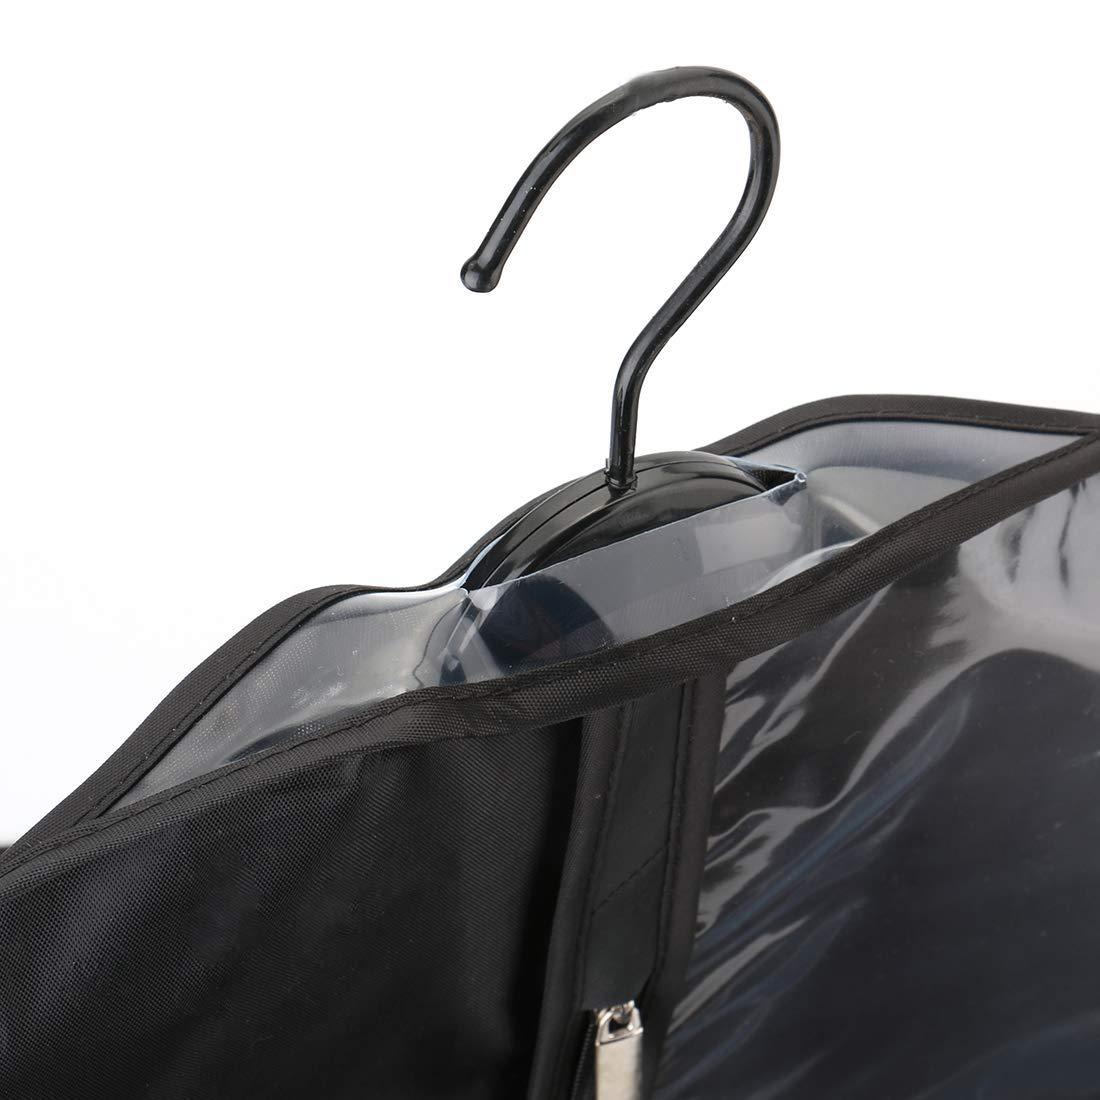 Lavabile per Abiti Confezione da 5 Borse Porta Abiti in Tessuto Oxford con Cerniera e Finestra Trasparente per Viaggi e conservazione Camicie Vestiti LAWEI Cappotti Protezione antitarme